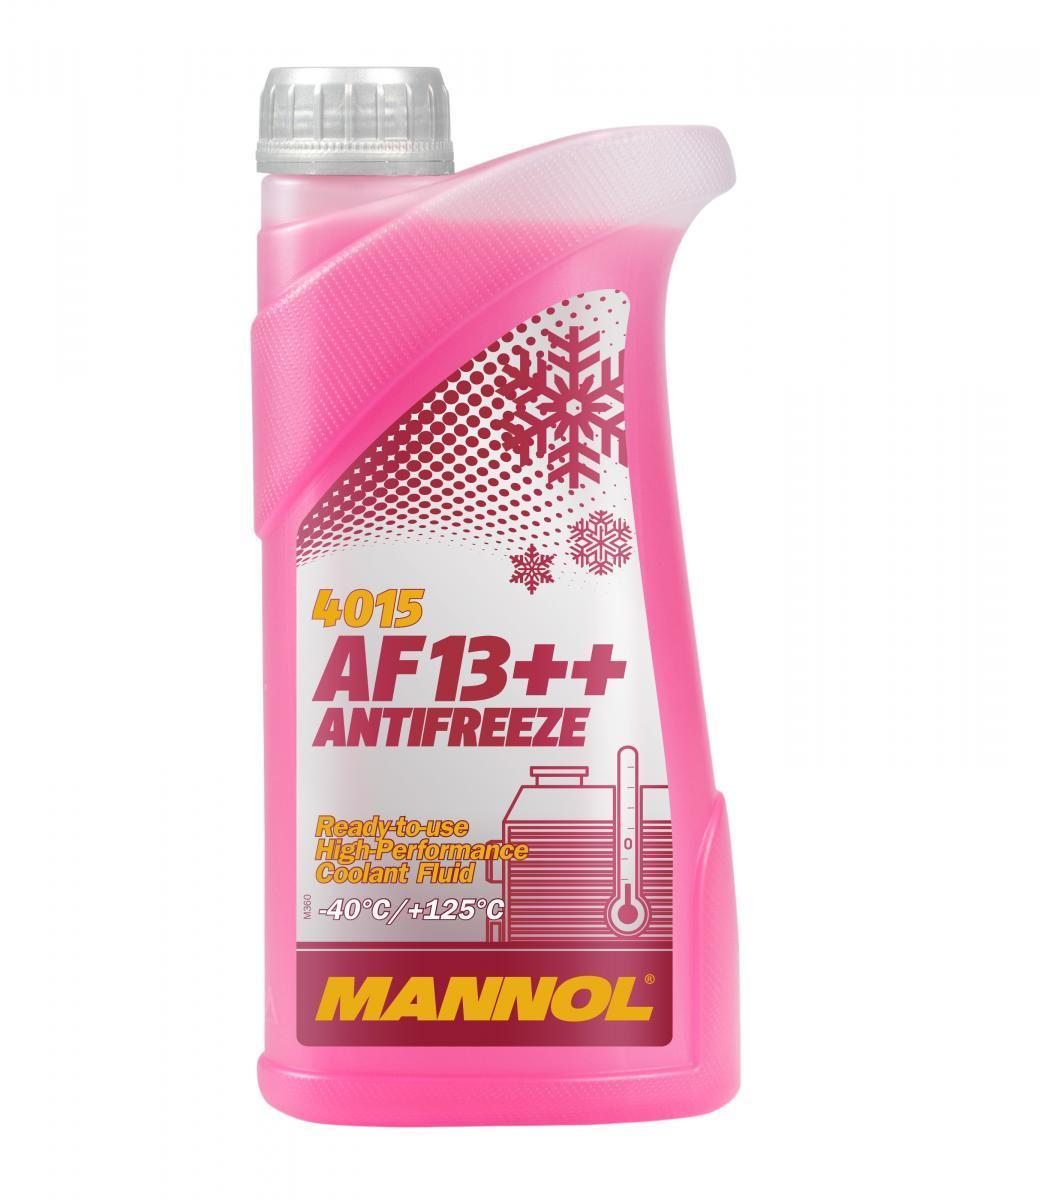 Frostschutz MANNOL MN4015-1 Bewertungen